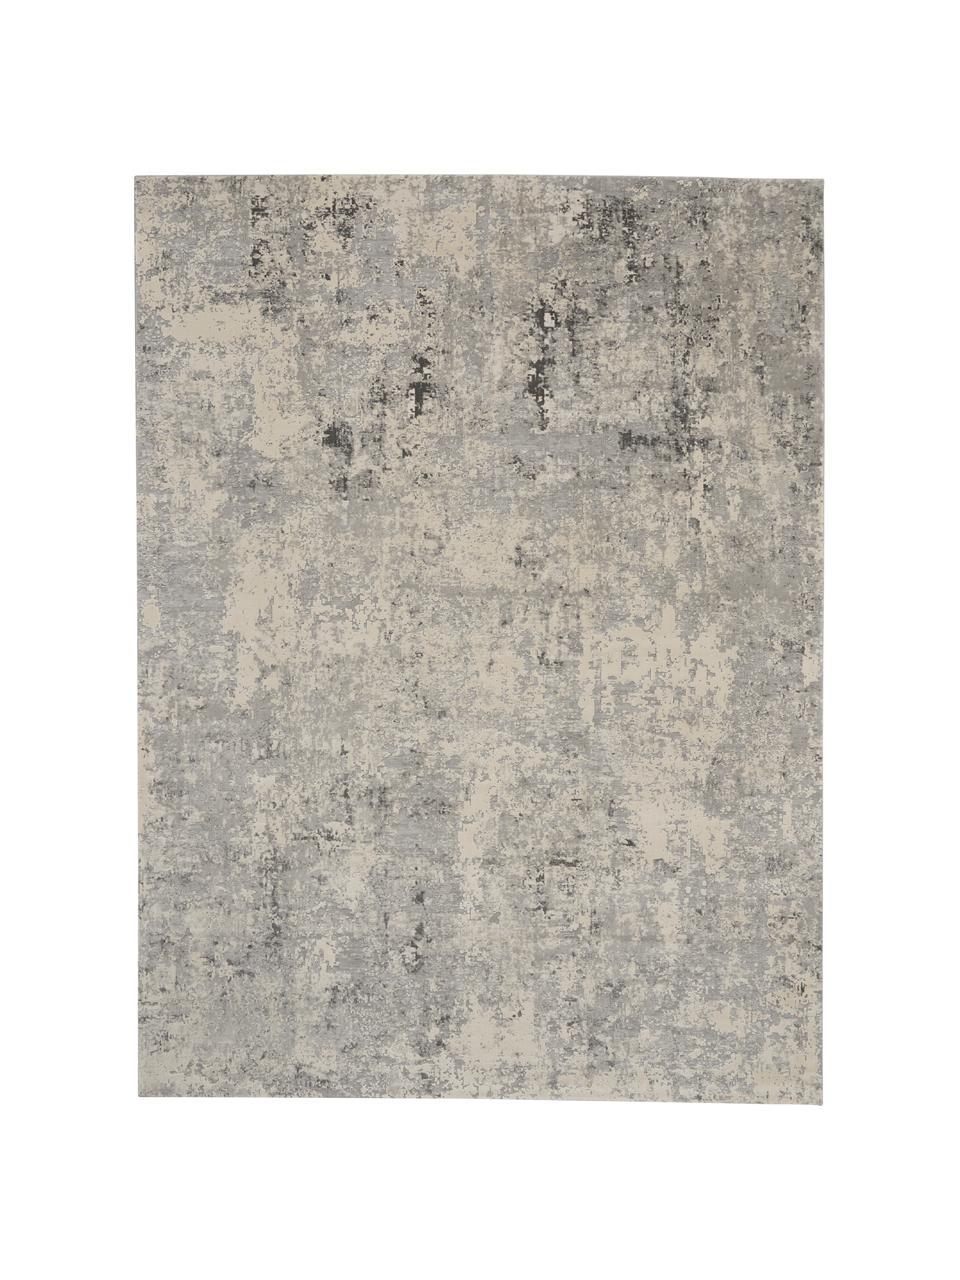 Dywan z wypukłą strukturą Rustic, Szary, beżowy, S 240 x D 320 cm (Rozmiar L)